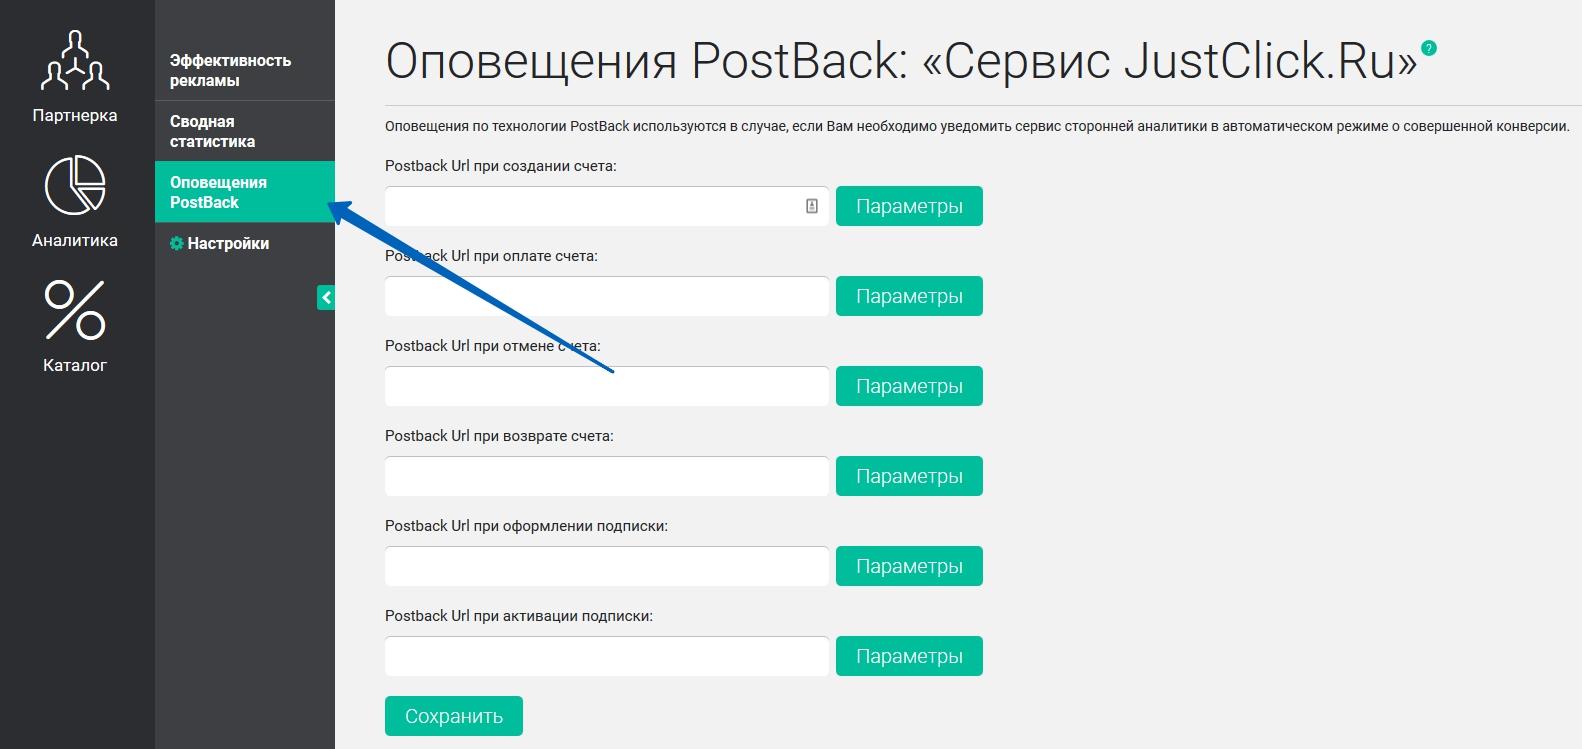 """Вид меню """"Оповещения PostBack"""" кабинета партнера на JustClick"""